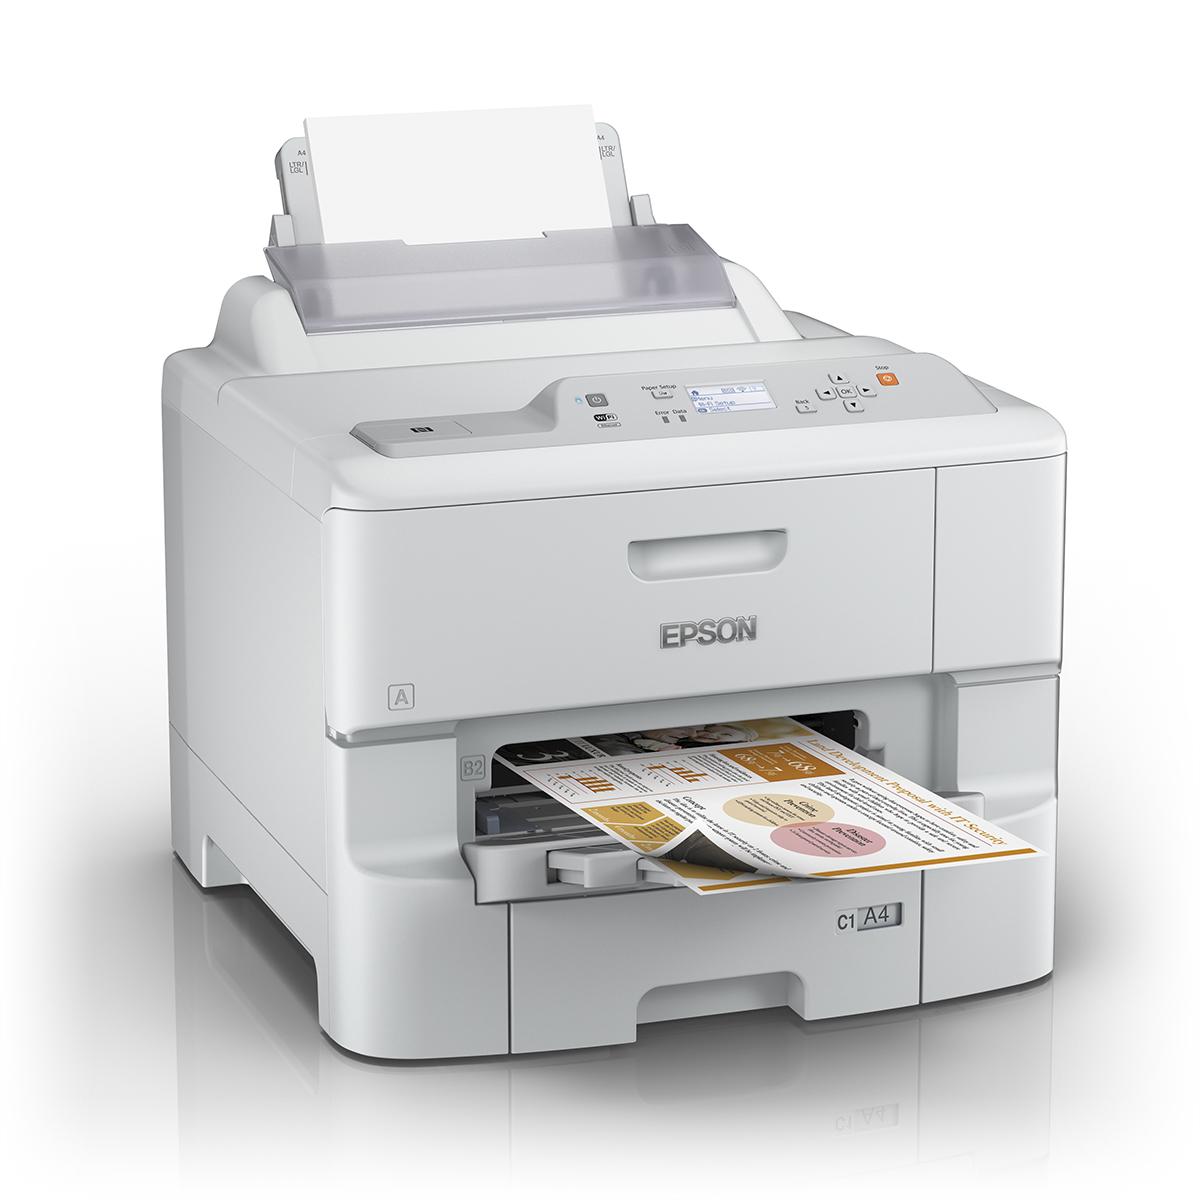 Epson WorkForce Pro WF-6090DW Colour A4 Inkjet Printer